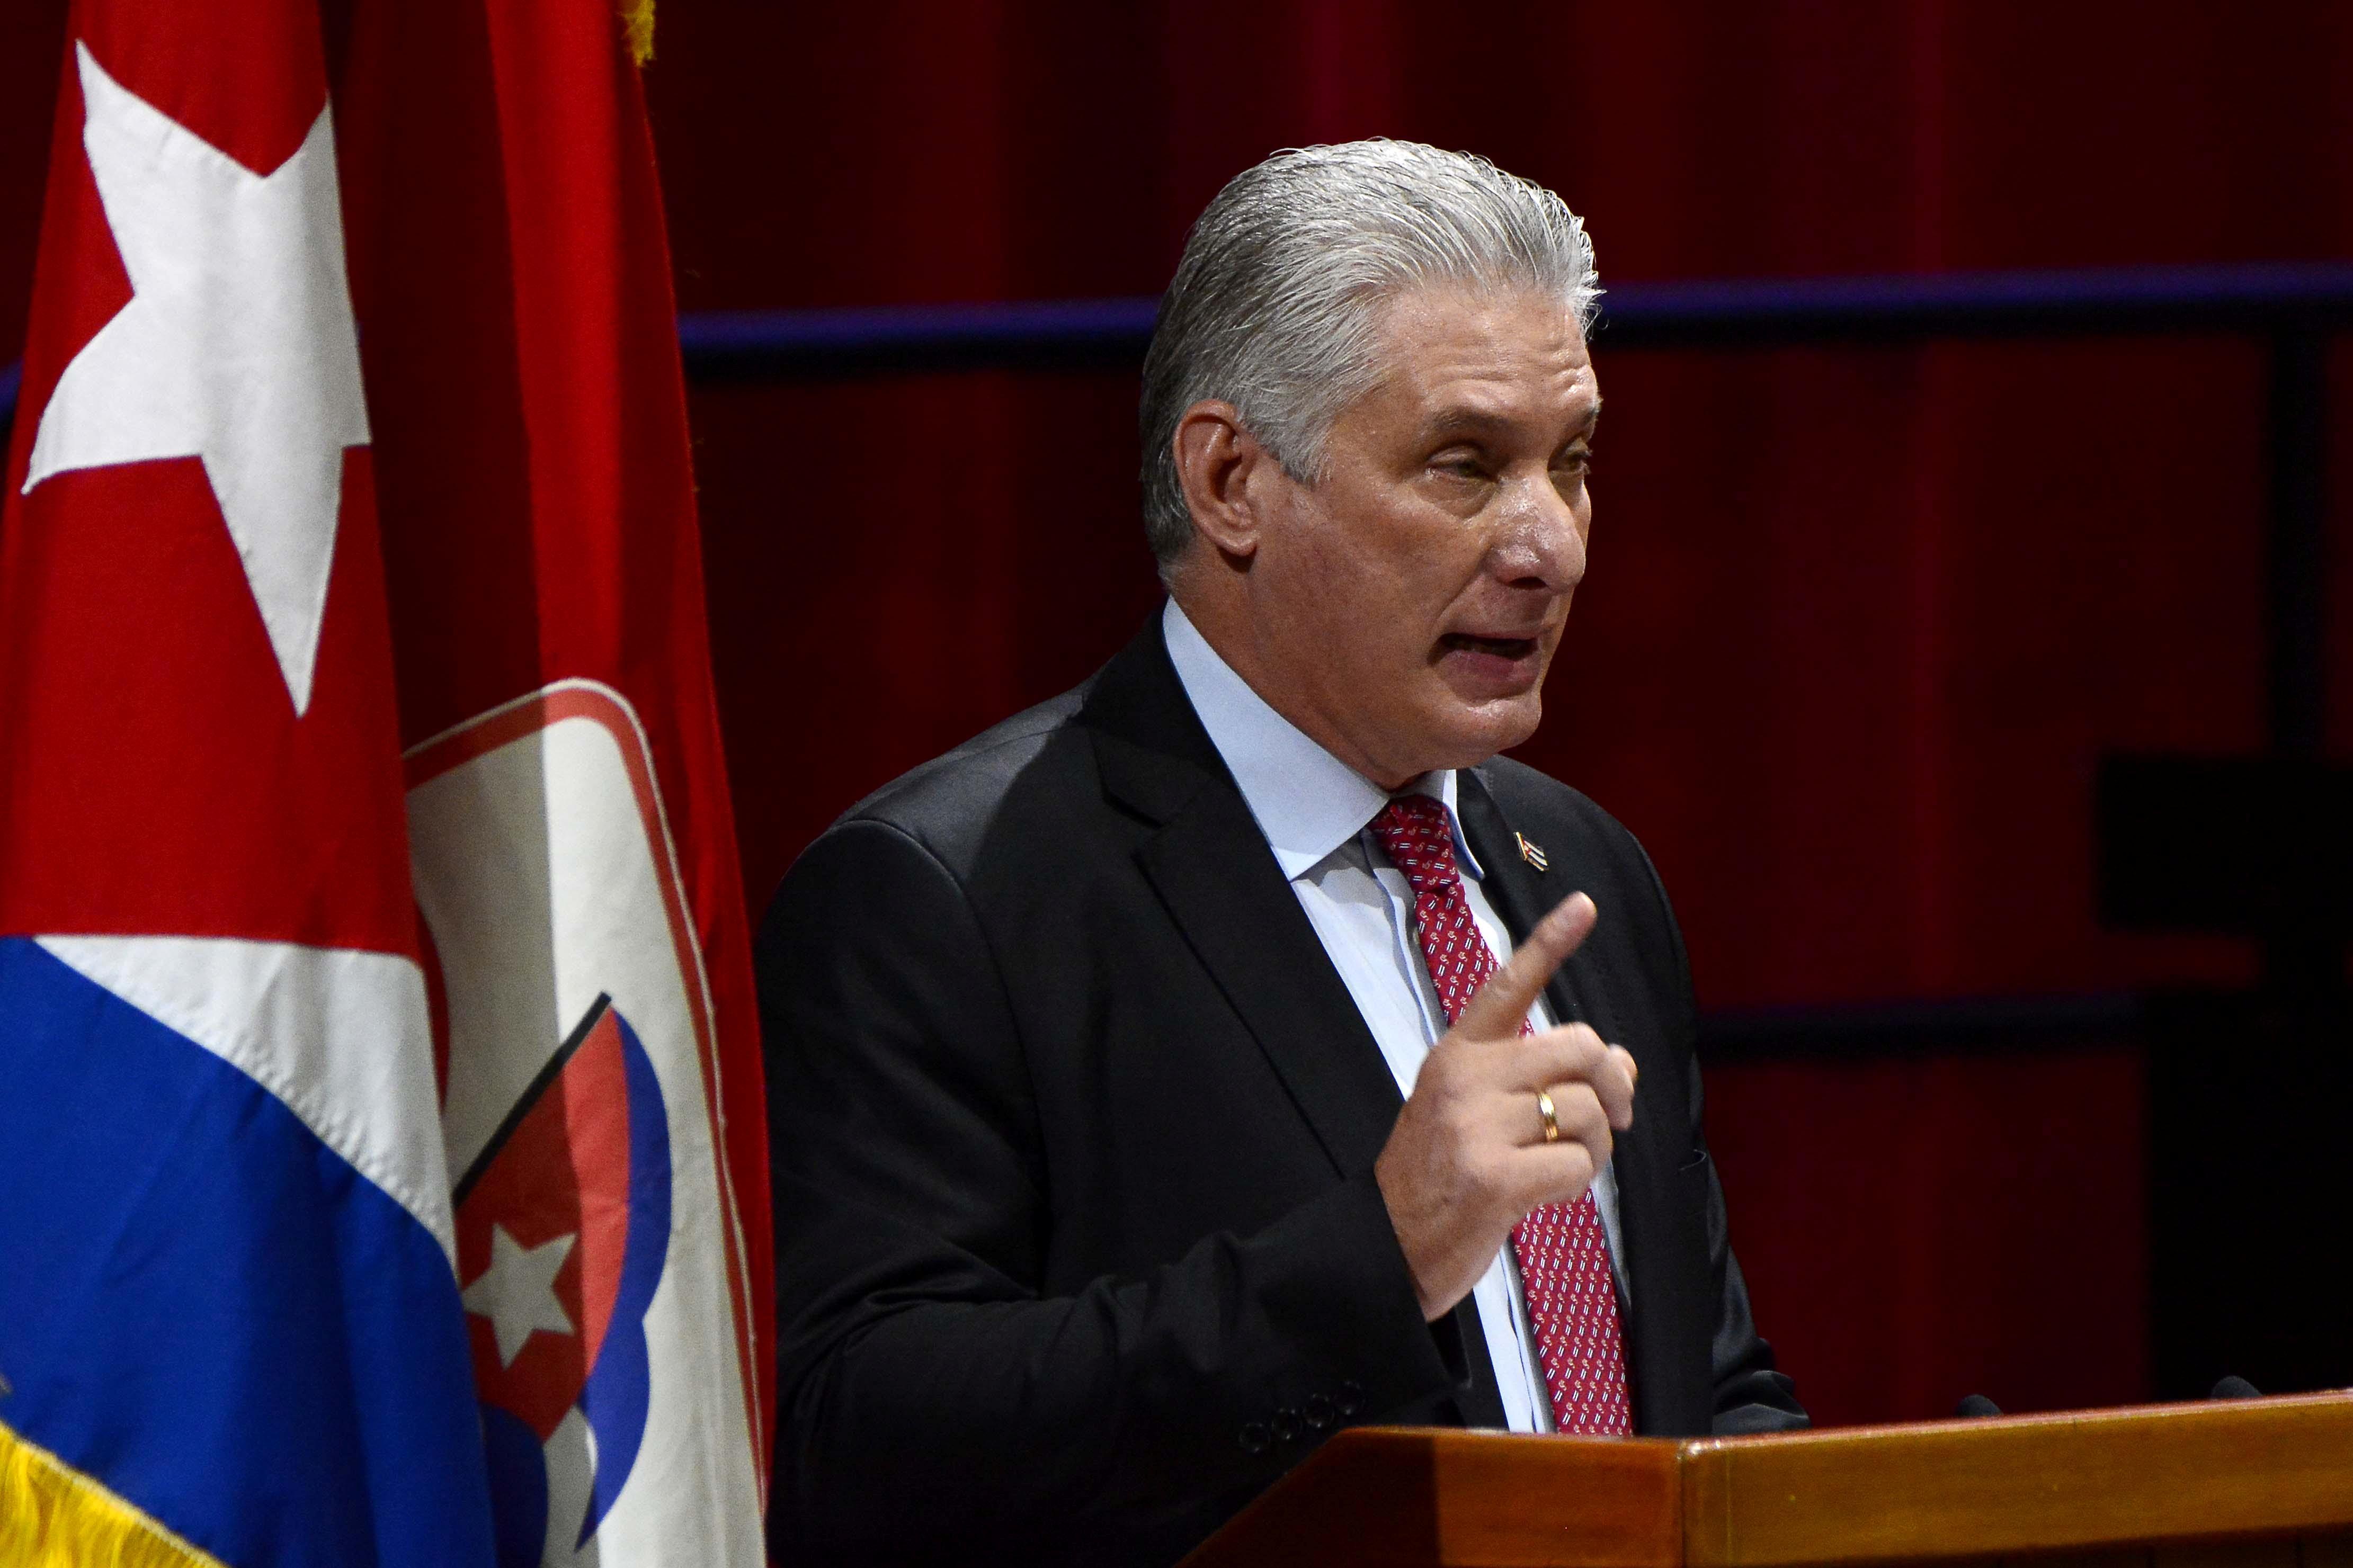 Cercada por las protestas y el descontento social, la dictadura cubana  eliminó los impuestos de importación a emprendedores privados - Infobae